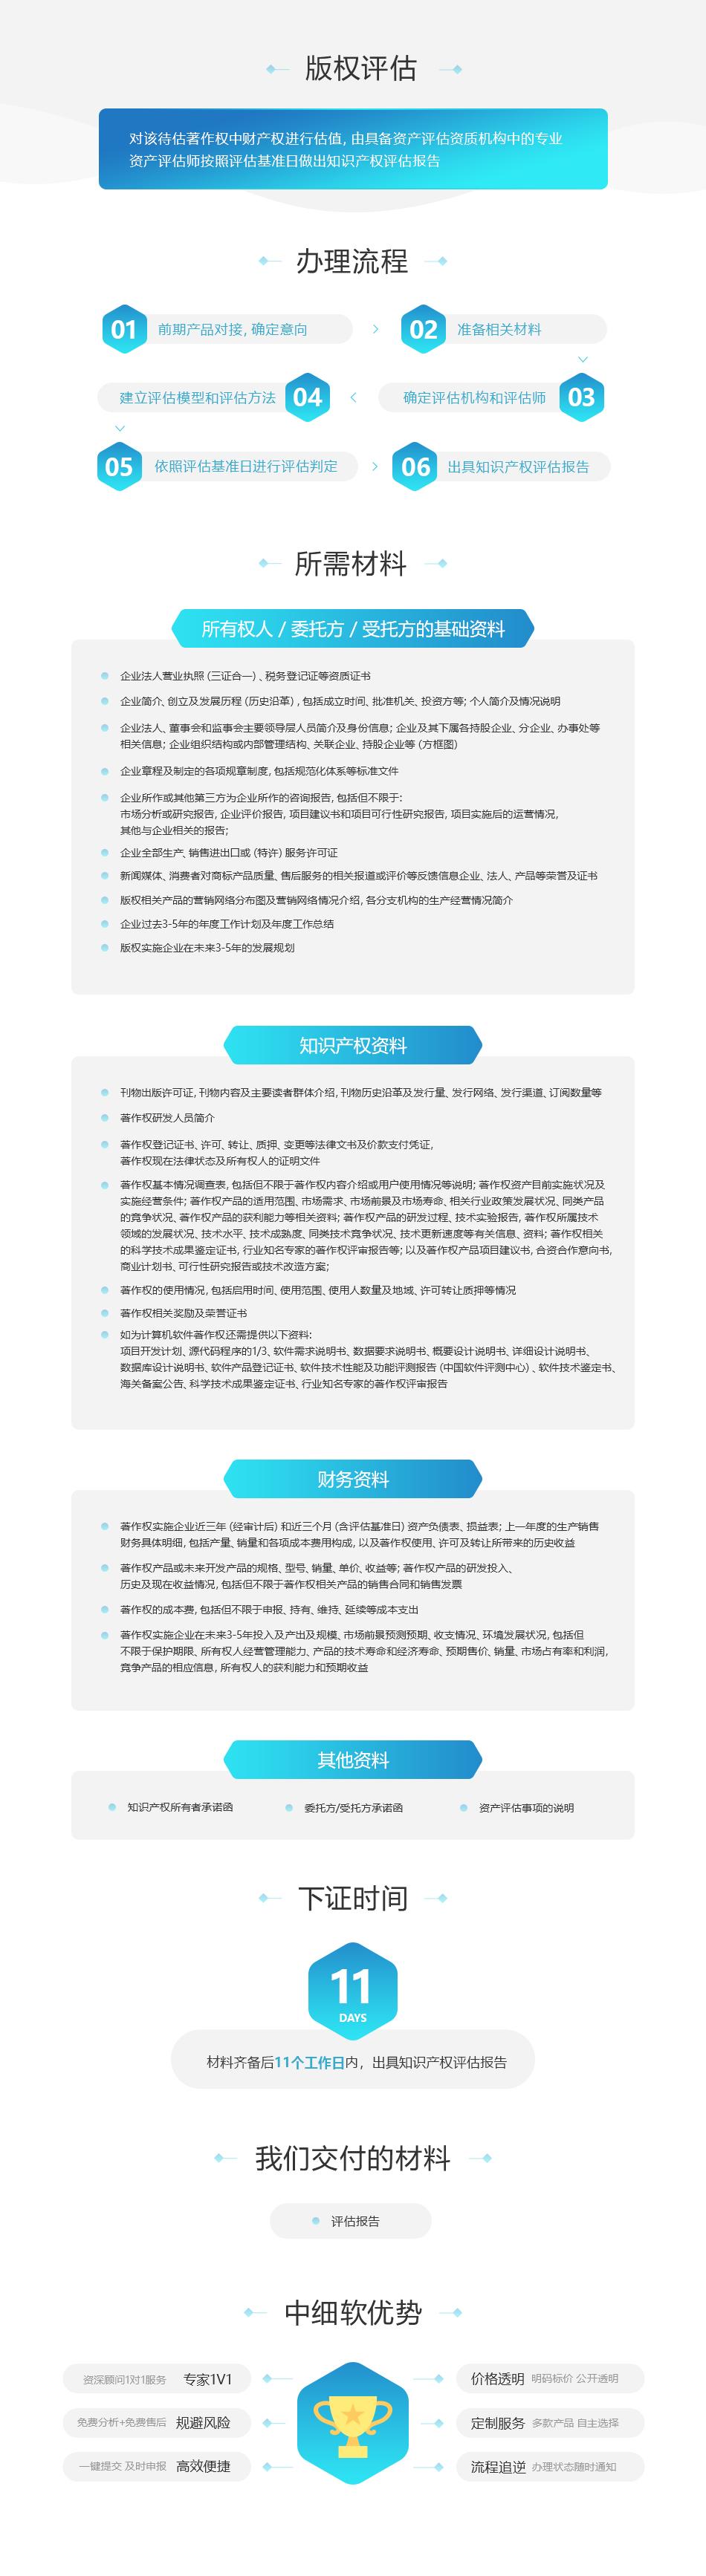 企业服务-版权评估.jpg